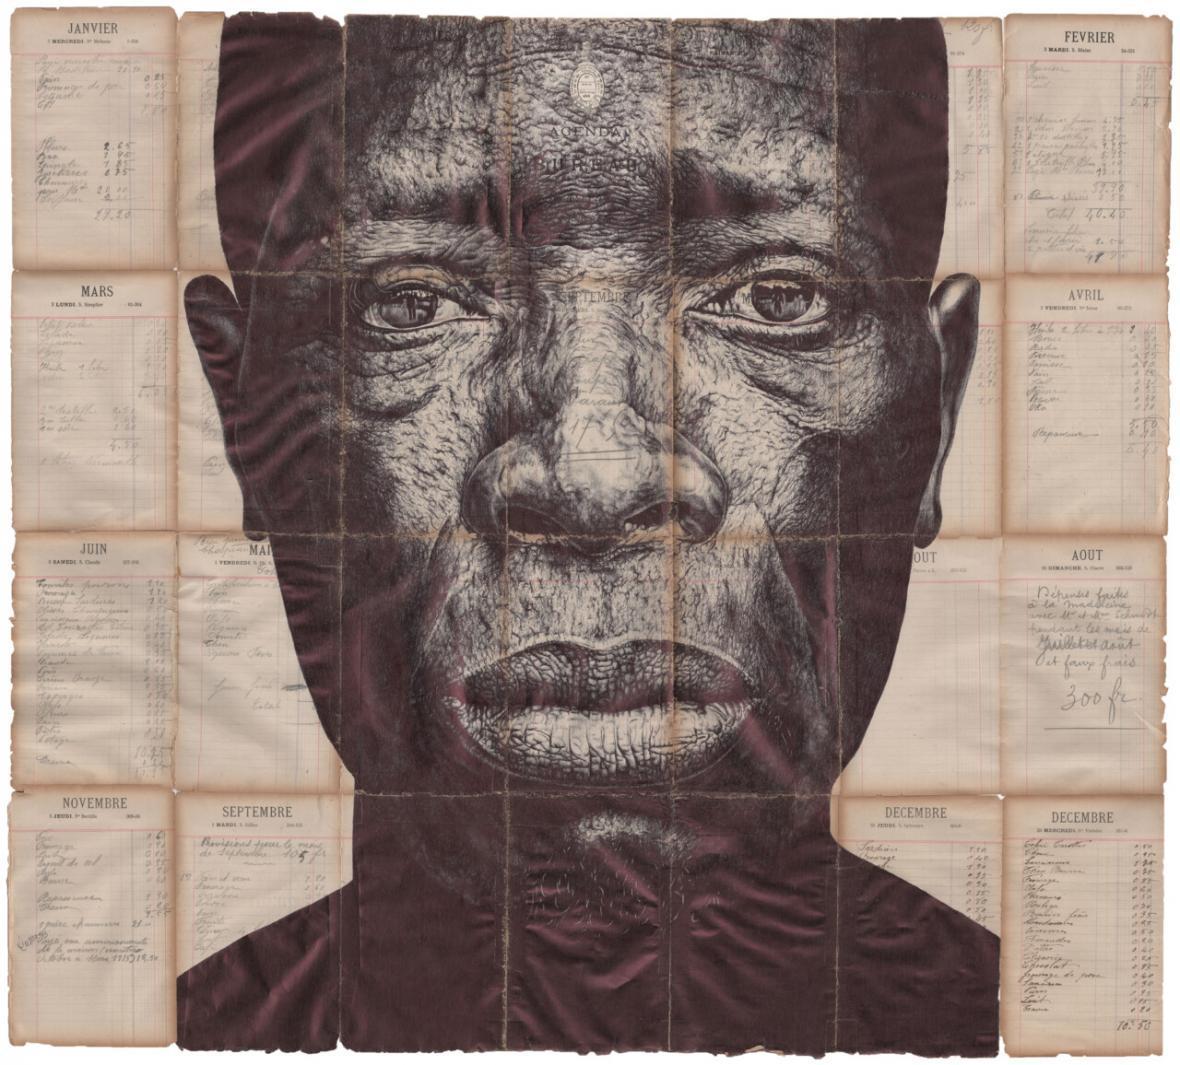 طراحی های دقیق و تحسین برانگیز چهره سالخوردگان روی بستر اوراق قدیمی